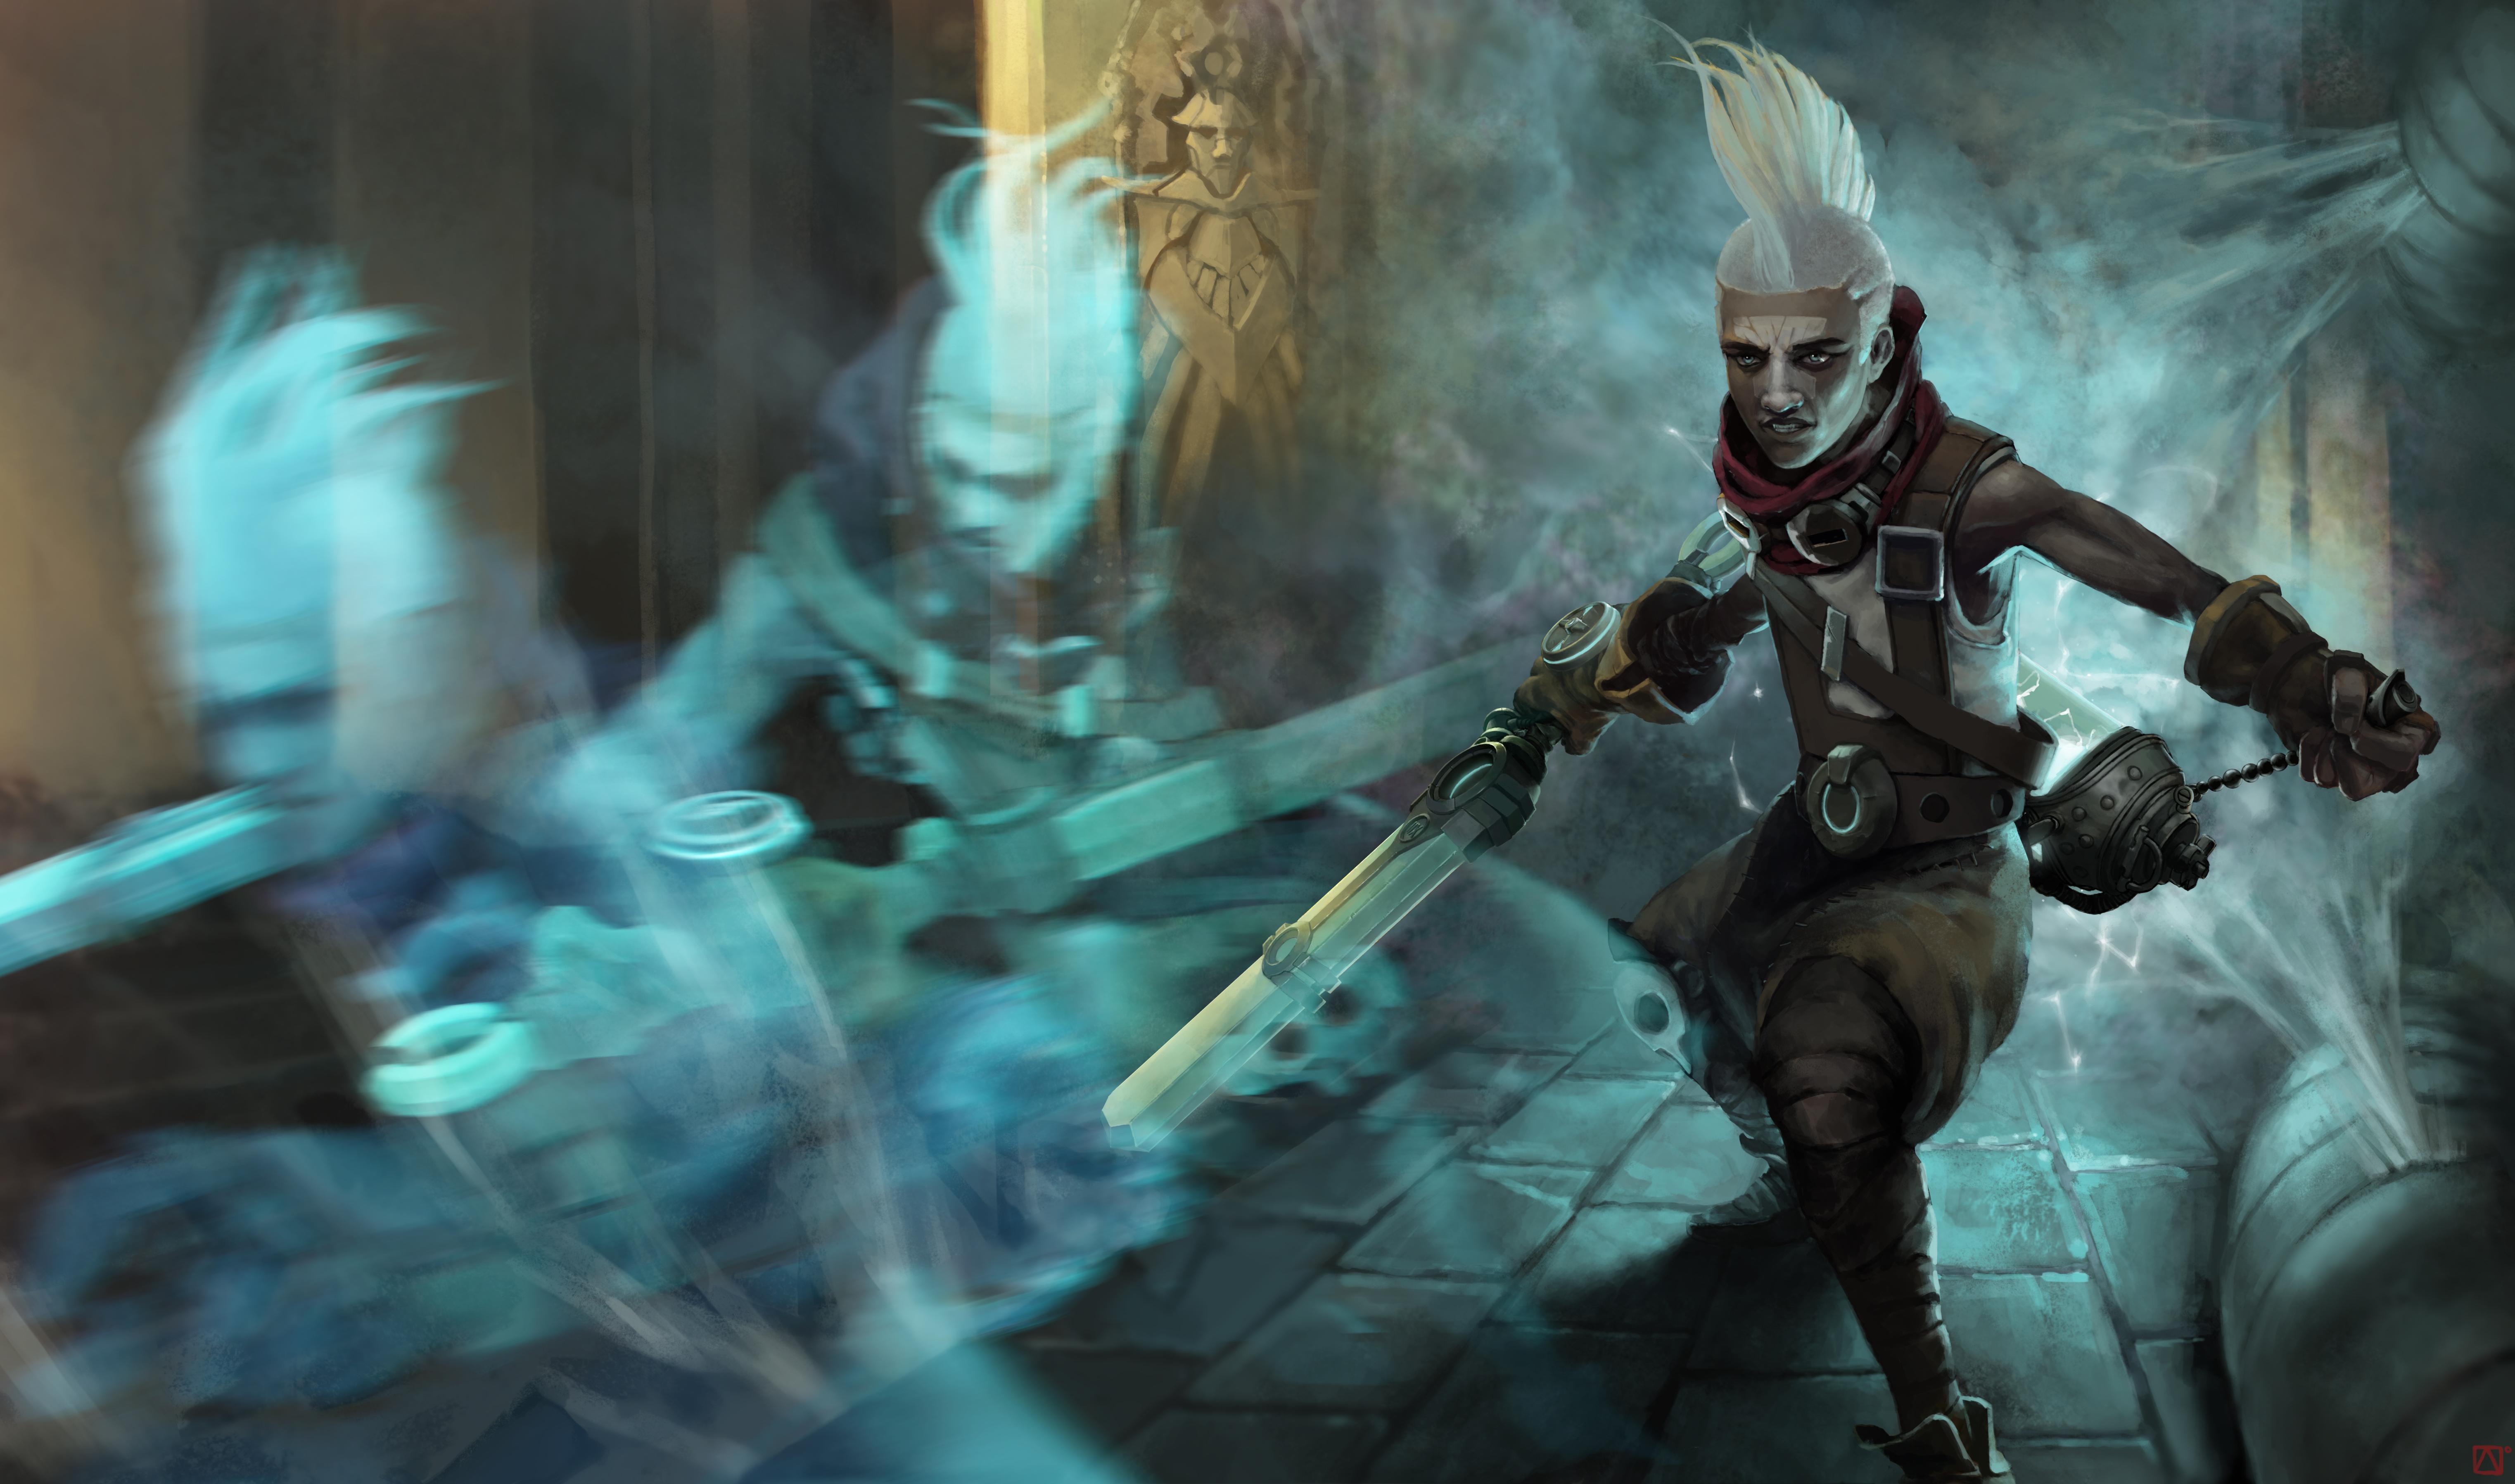 Wallpaper Fan Art 4k Pubattlegrounds: League Of Legends Wallpapers